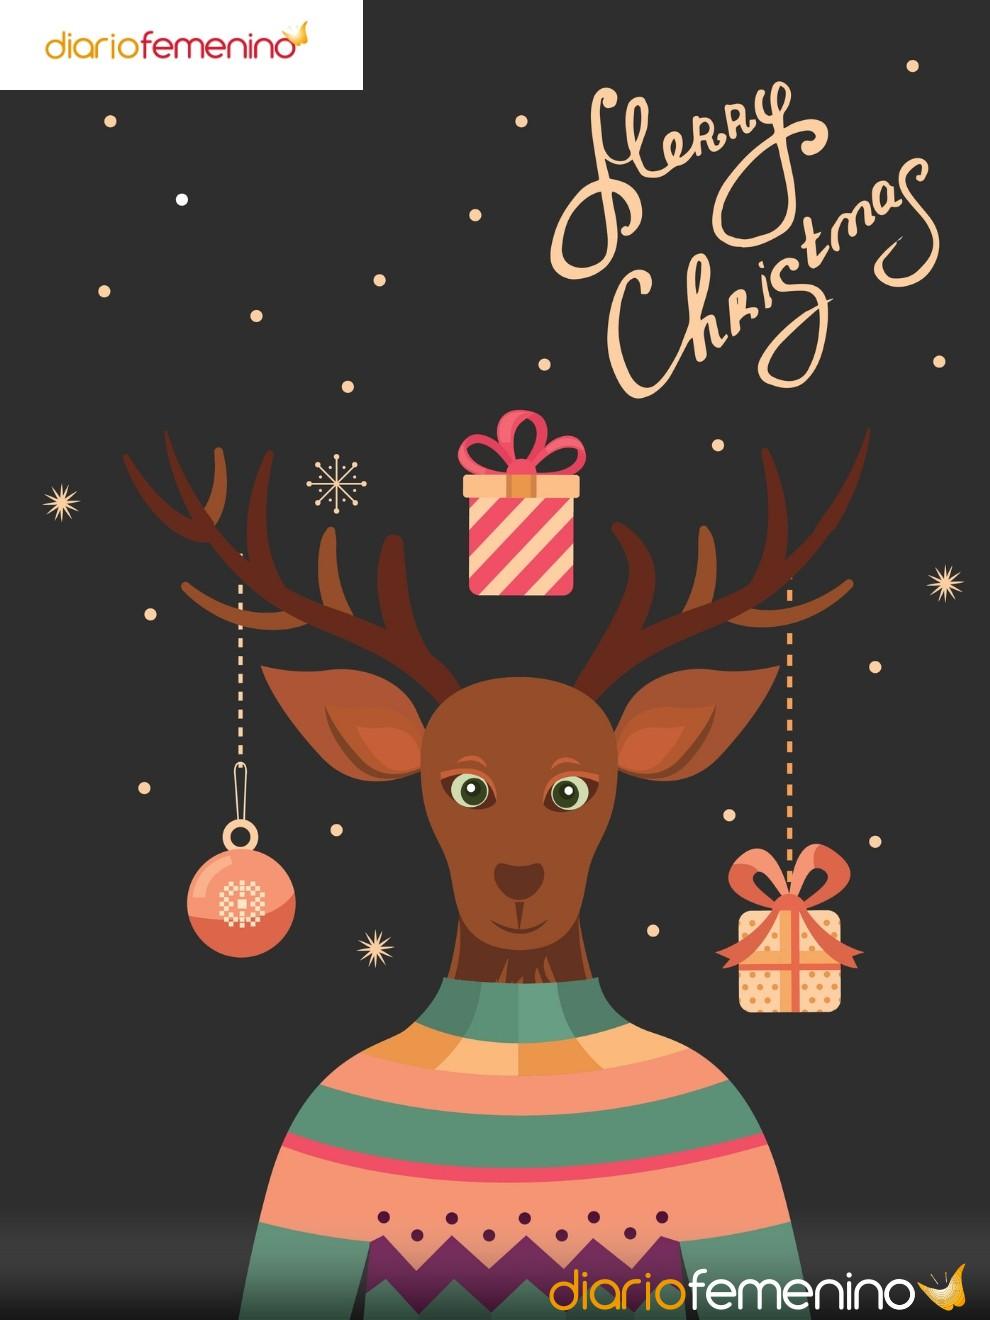 La tarjeta navideña más graciosa de todos los tiempos (ideal para amigos)